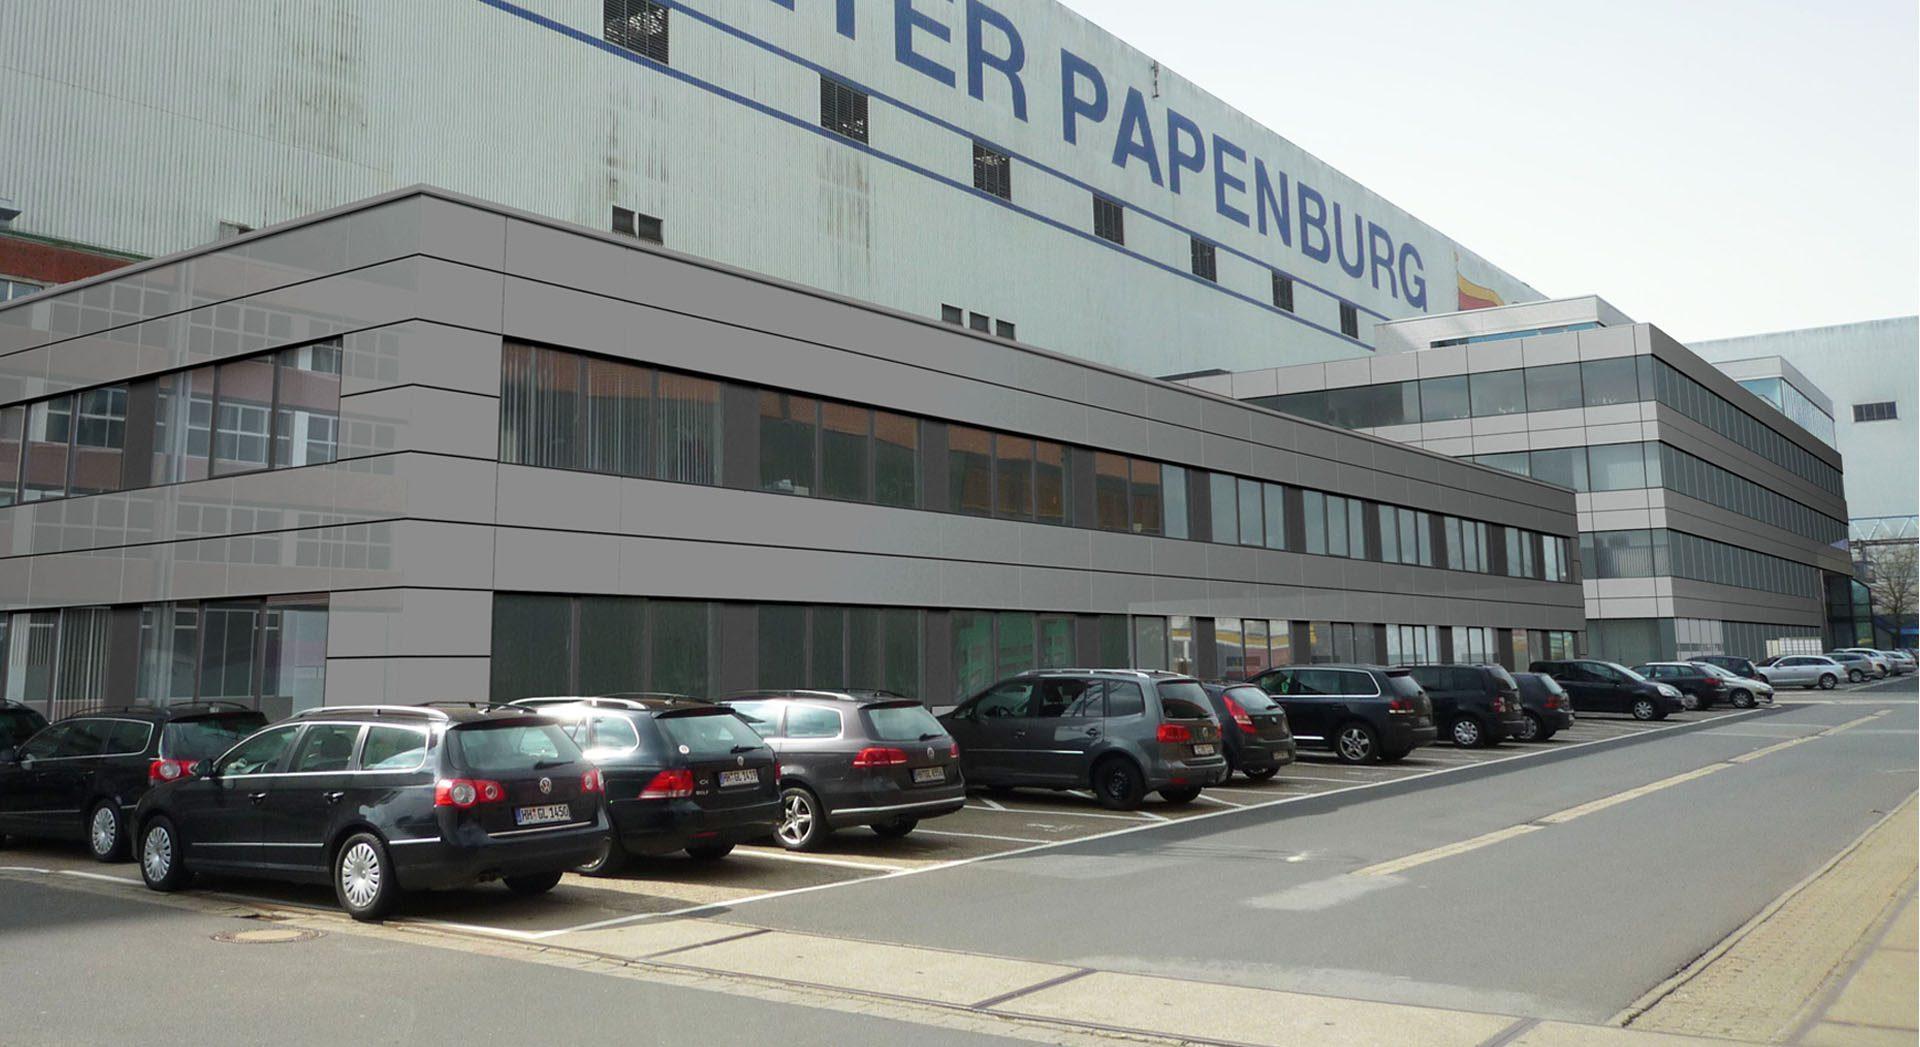 Architektur; Industriearchitektur; Gewerbearchitektur; Alucobond Fassade; Fassadensanierung; Meyer Werft; Verwaltungsgebäude;